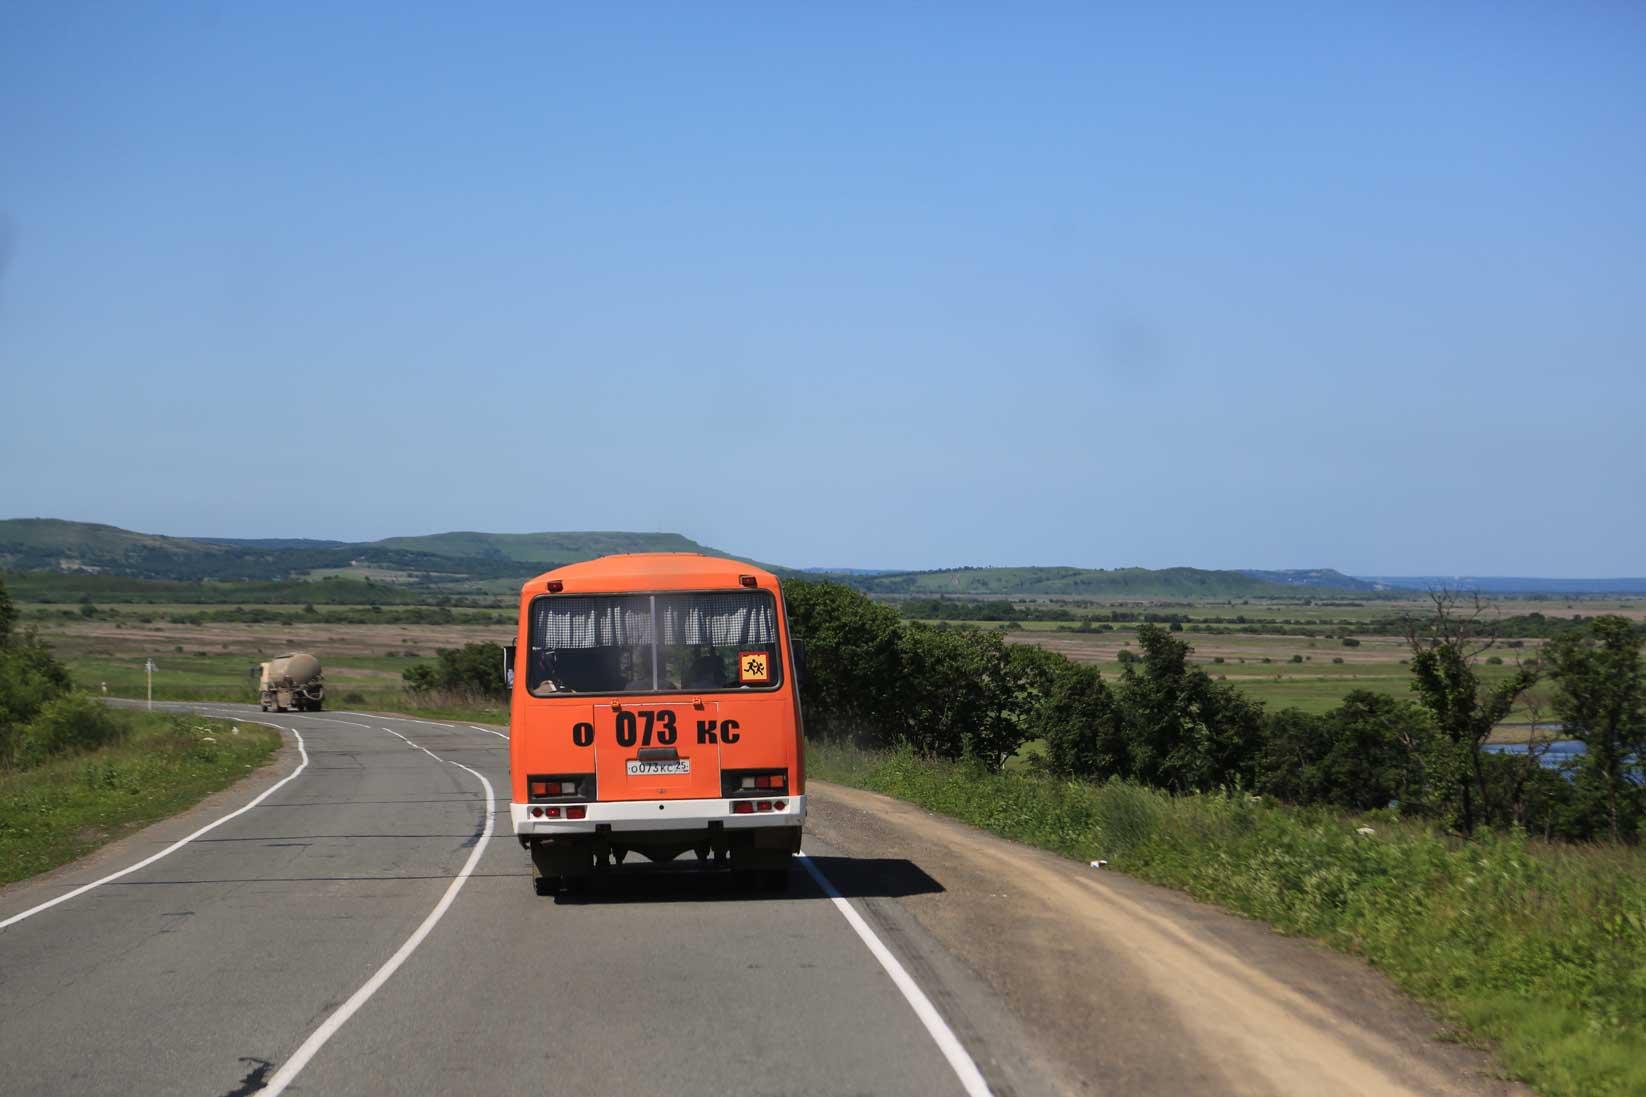 国境を越えるとこんなに風景が違うのか!?【中国からバスで行くウラジオストク(後編)】_b0235153_18503458.jpg